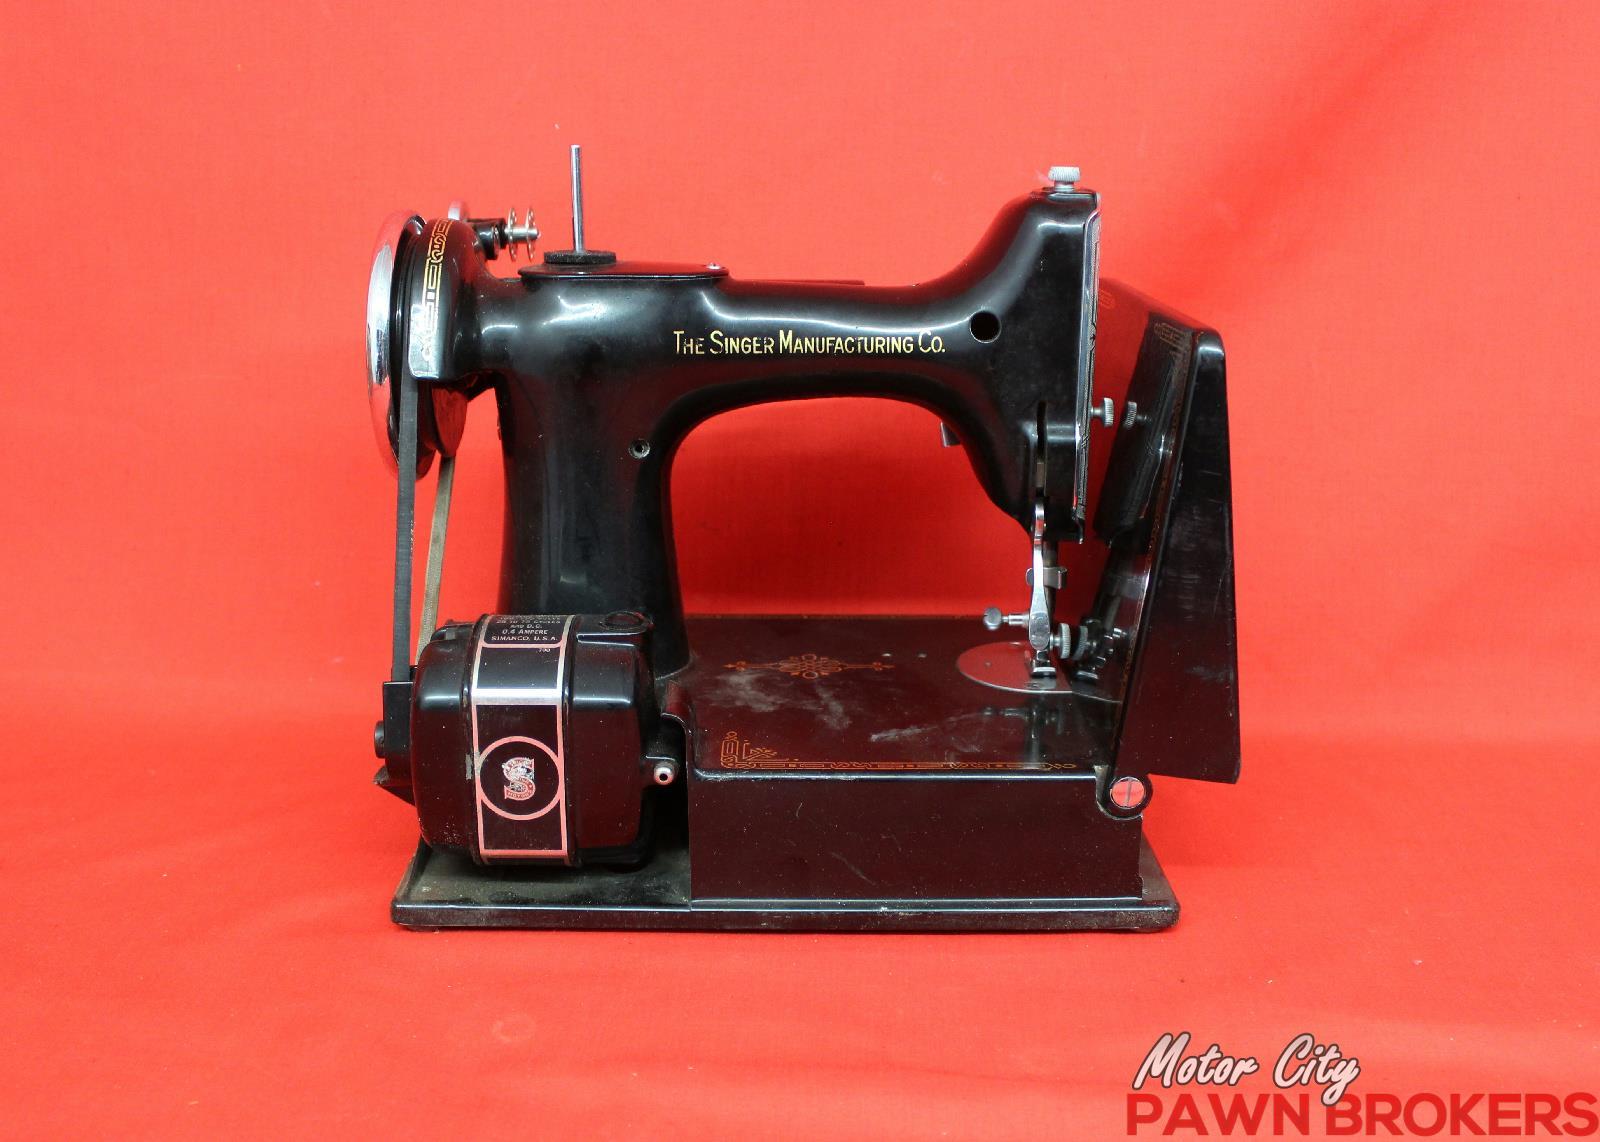 singer sewing machine 1940